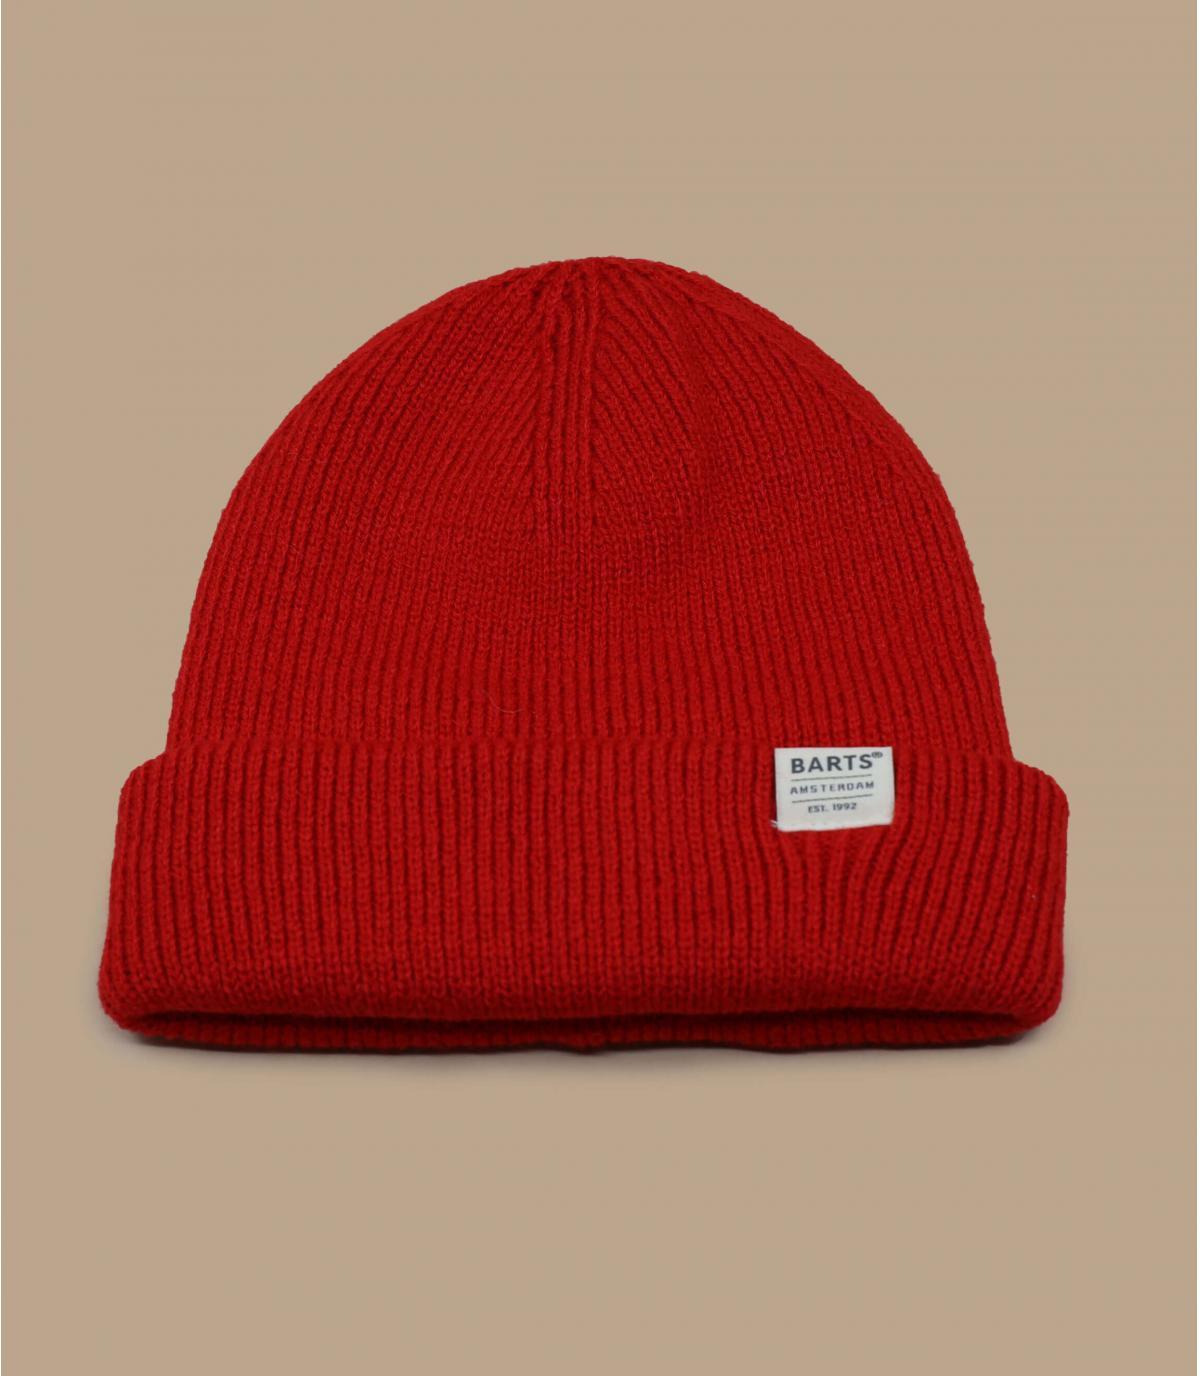 Barts cappello rosso docker